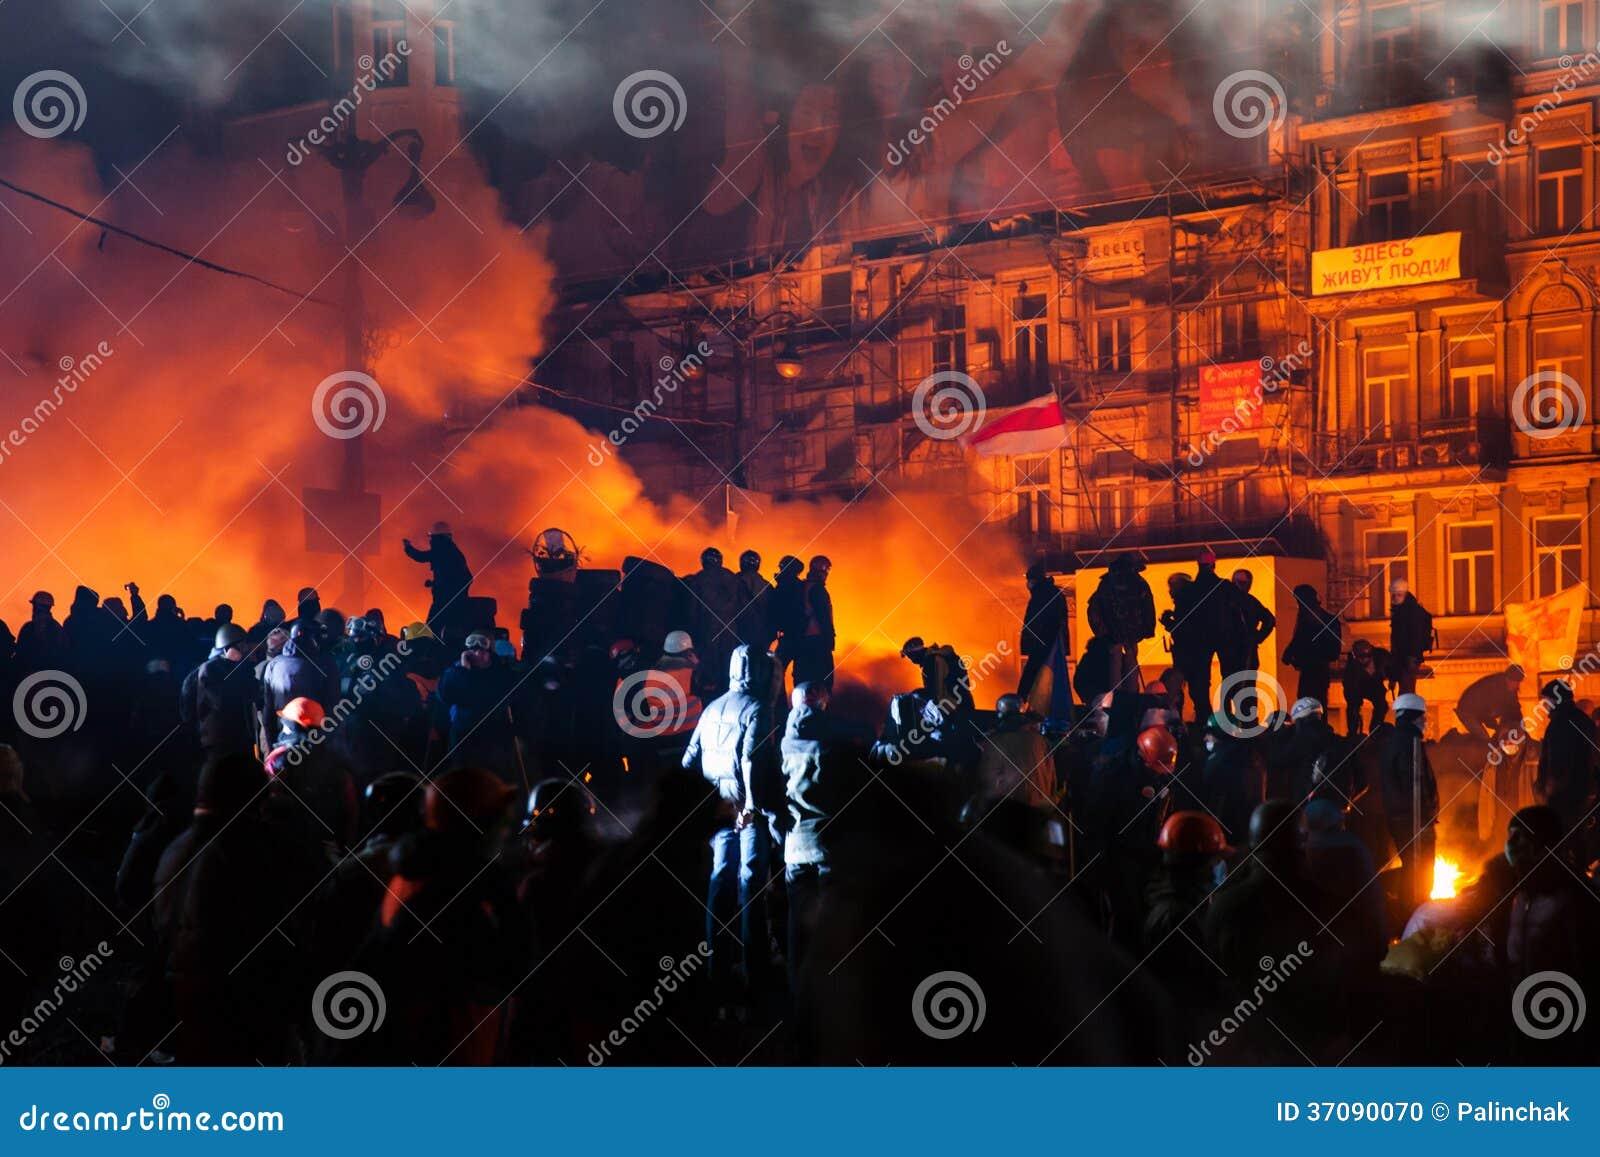 KIEV, UCRANIA - 24 de enero de 2014: Protestas antigubernamentales totales